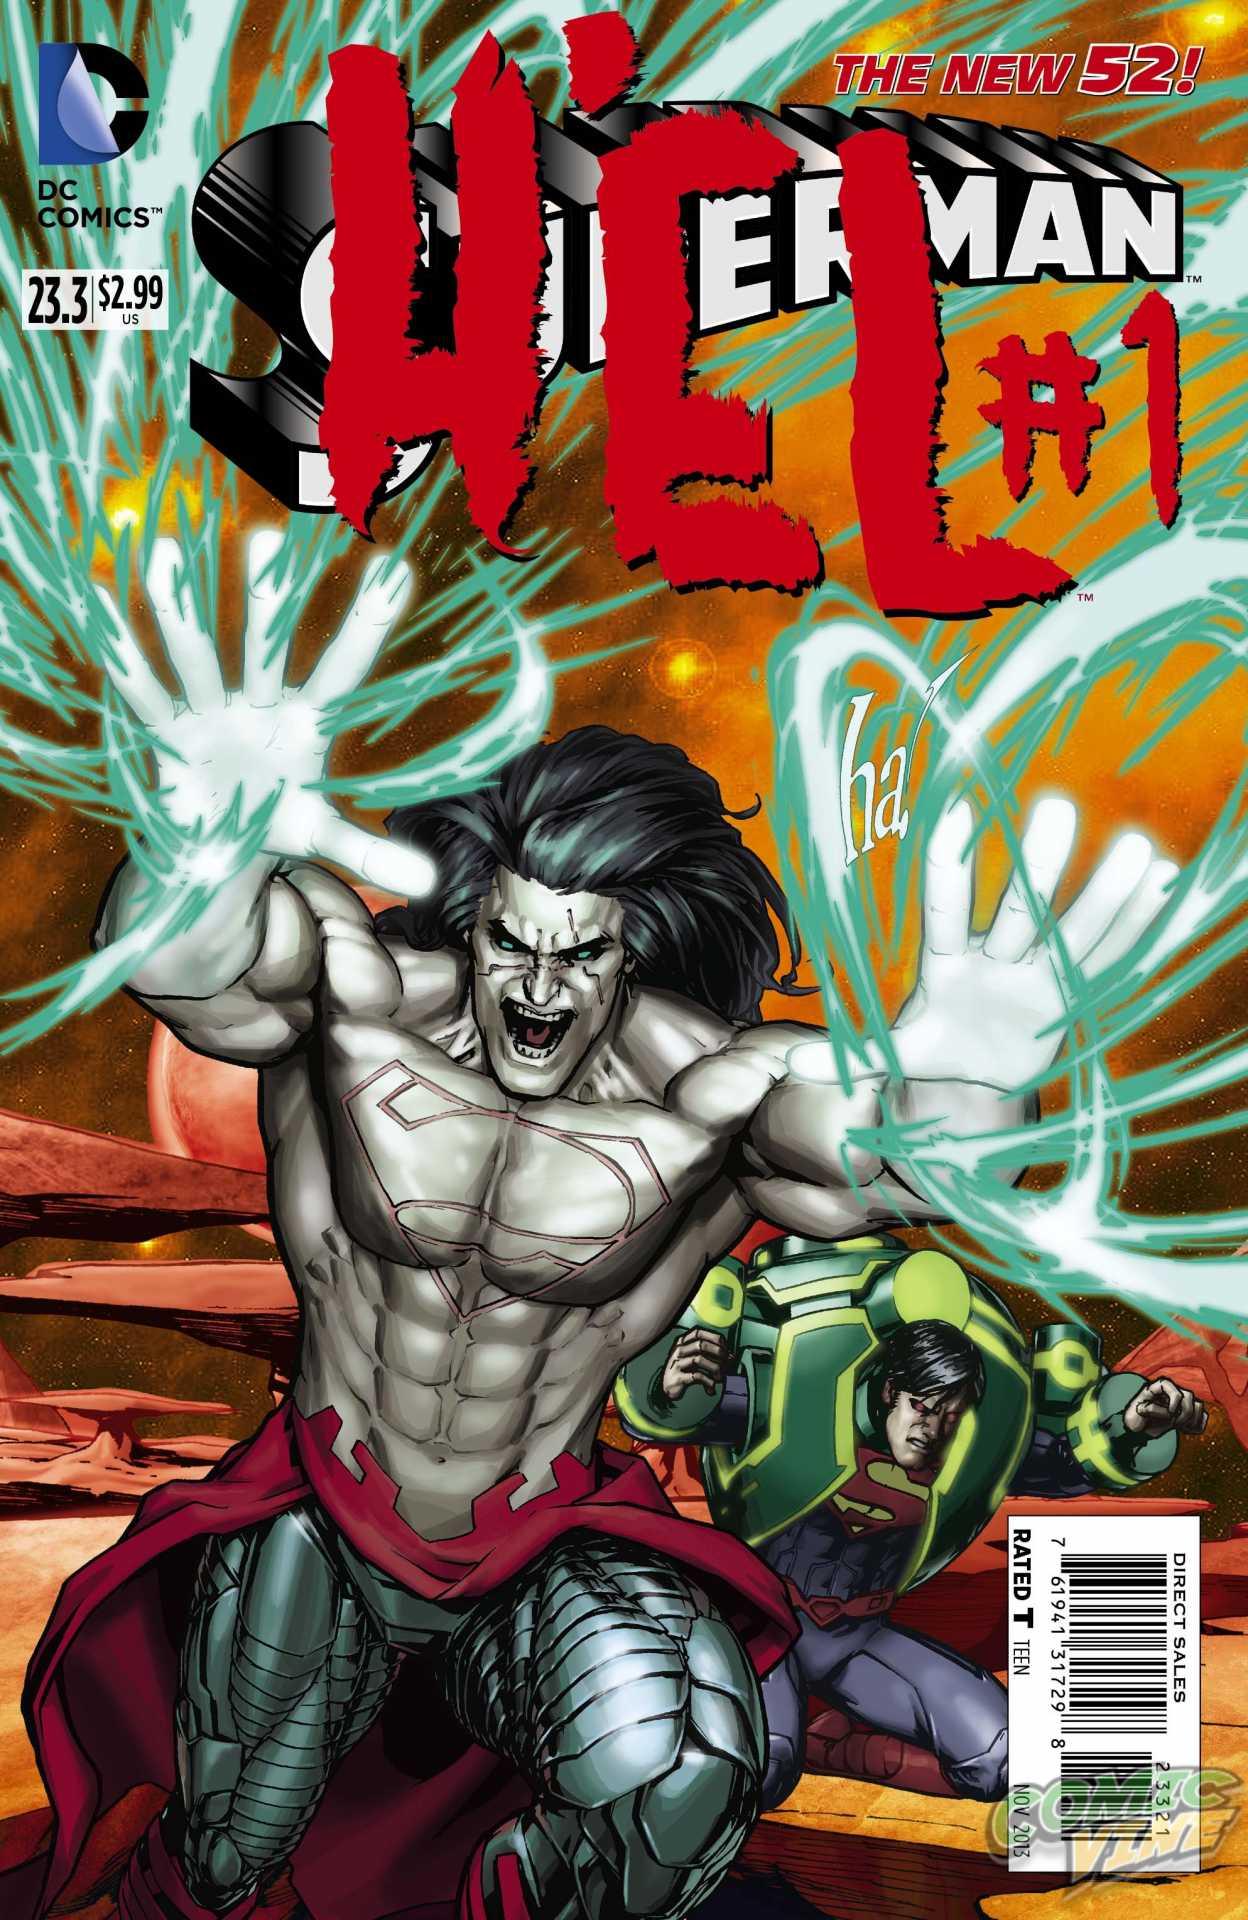 SUPERMAN #23.3: H'EL